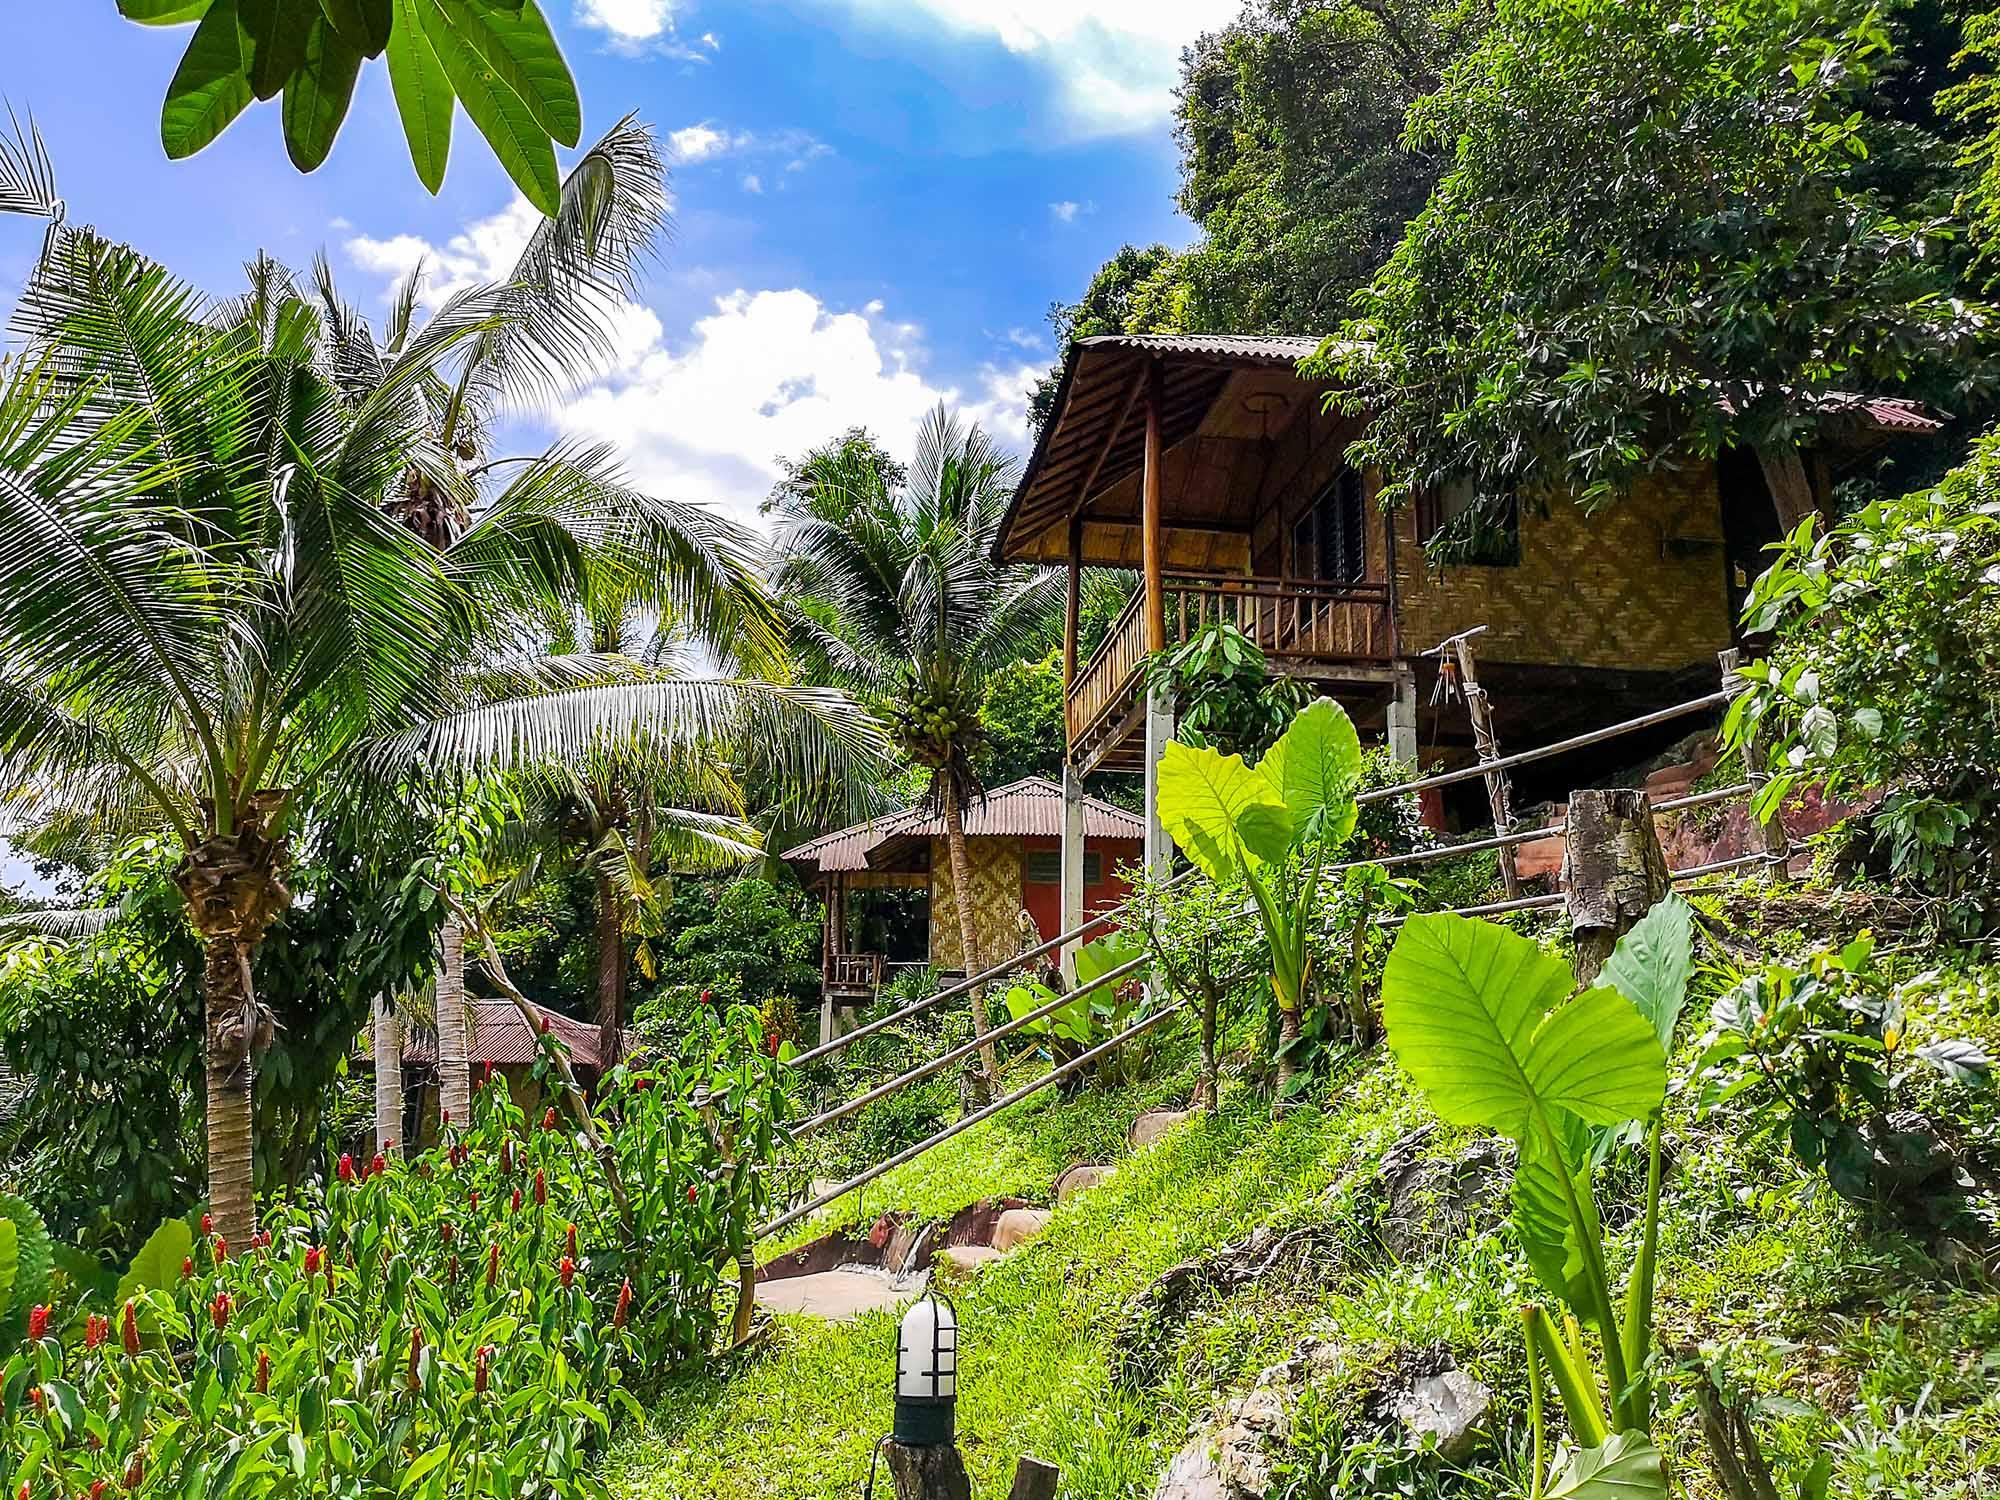 ไร่เลย์ การ์เดน วิว รีสอร์ท (Railay Garden View Resort)  ไร่เลย์ การ์เดน วิว รีสอร์ท (Railay Garden View Resort) IMG 20181010 135312